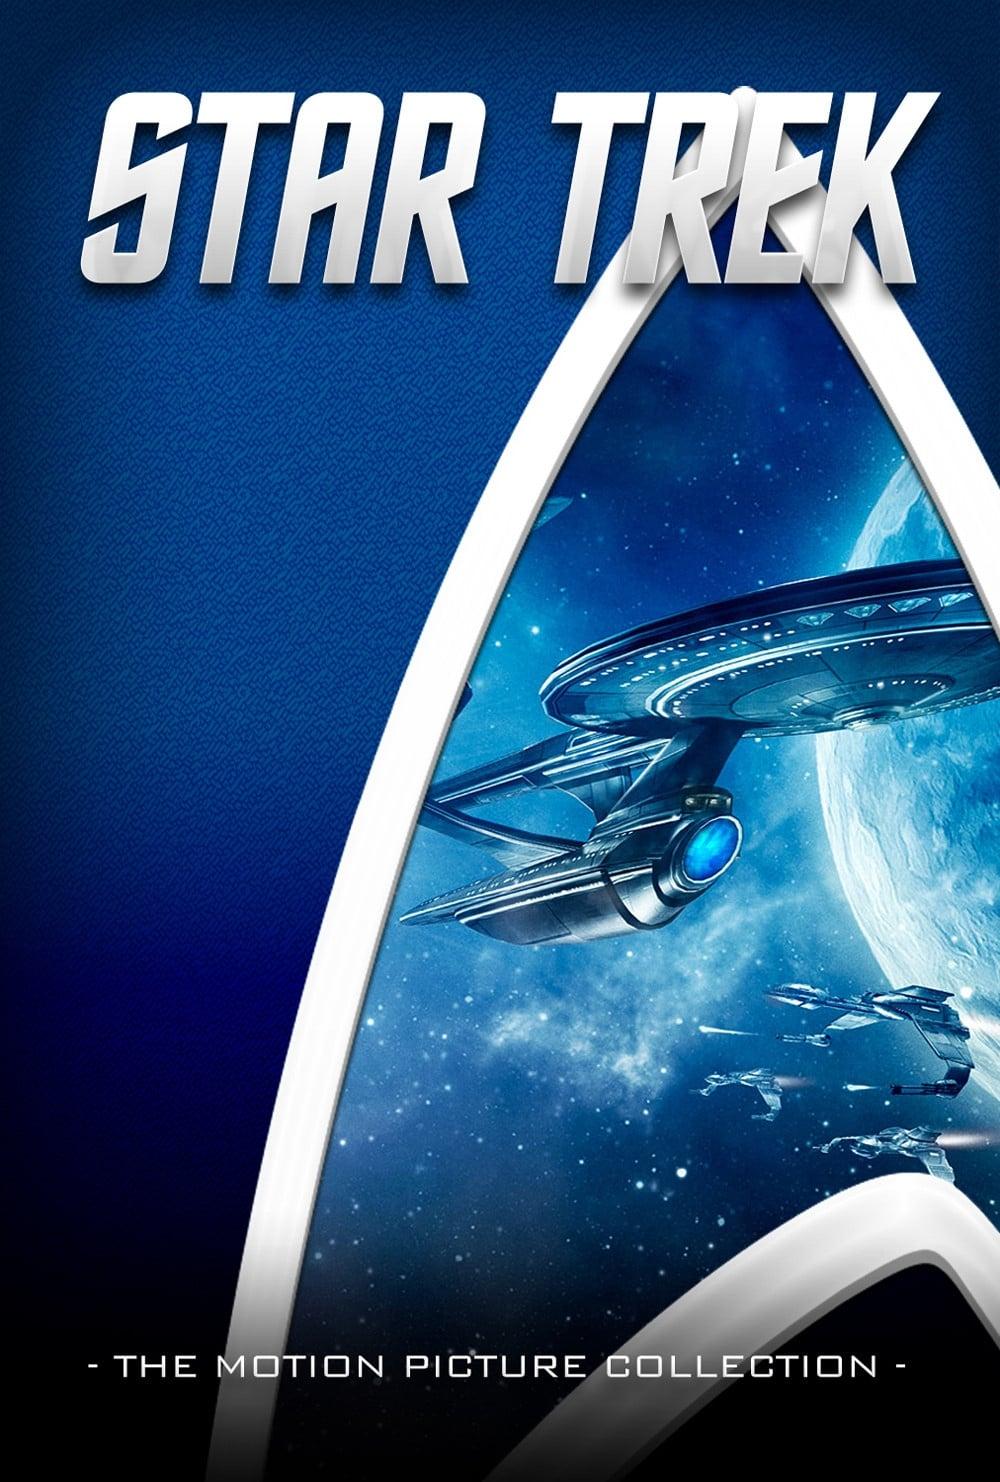 Star Trek Filme Chronologie